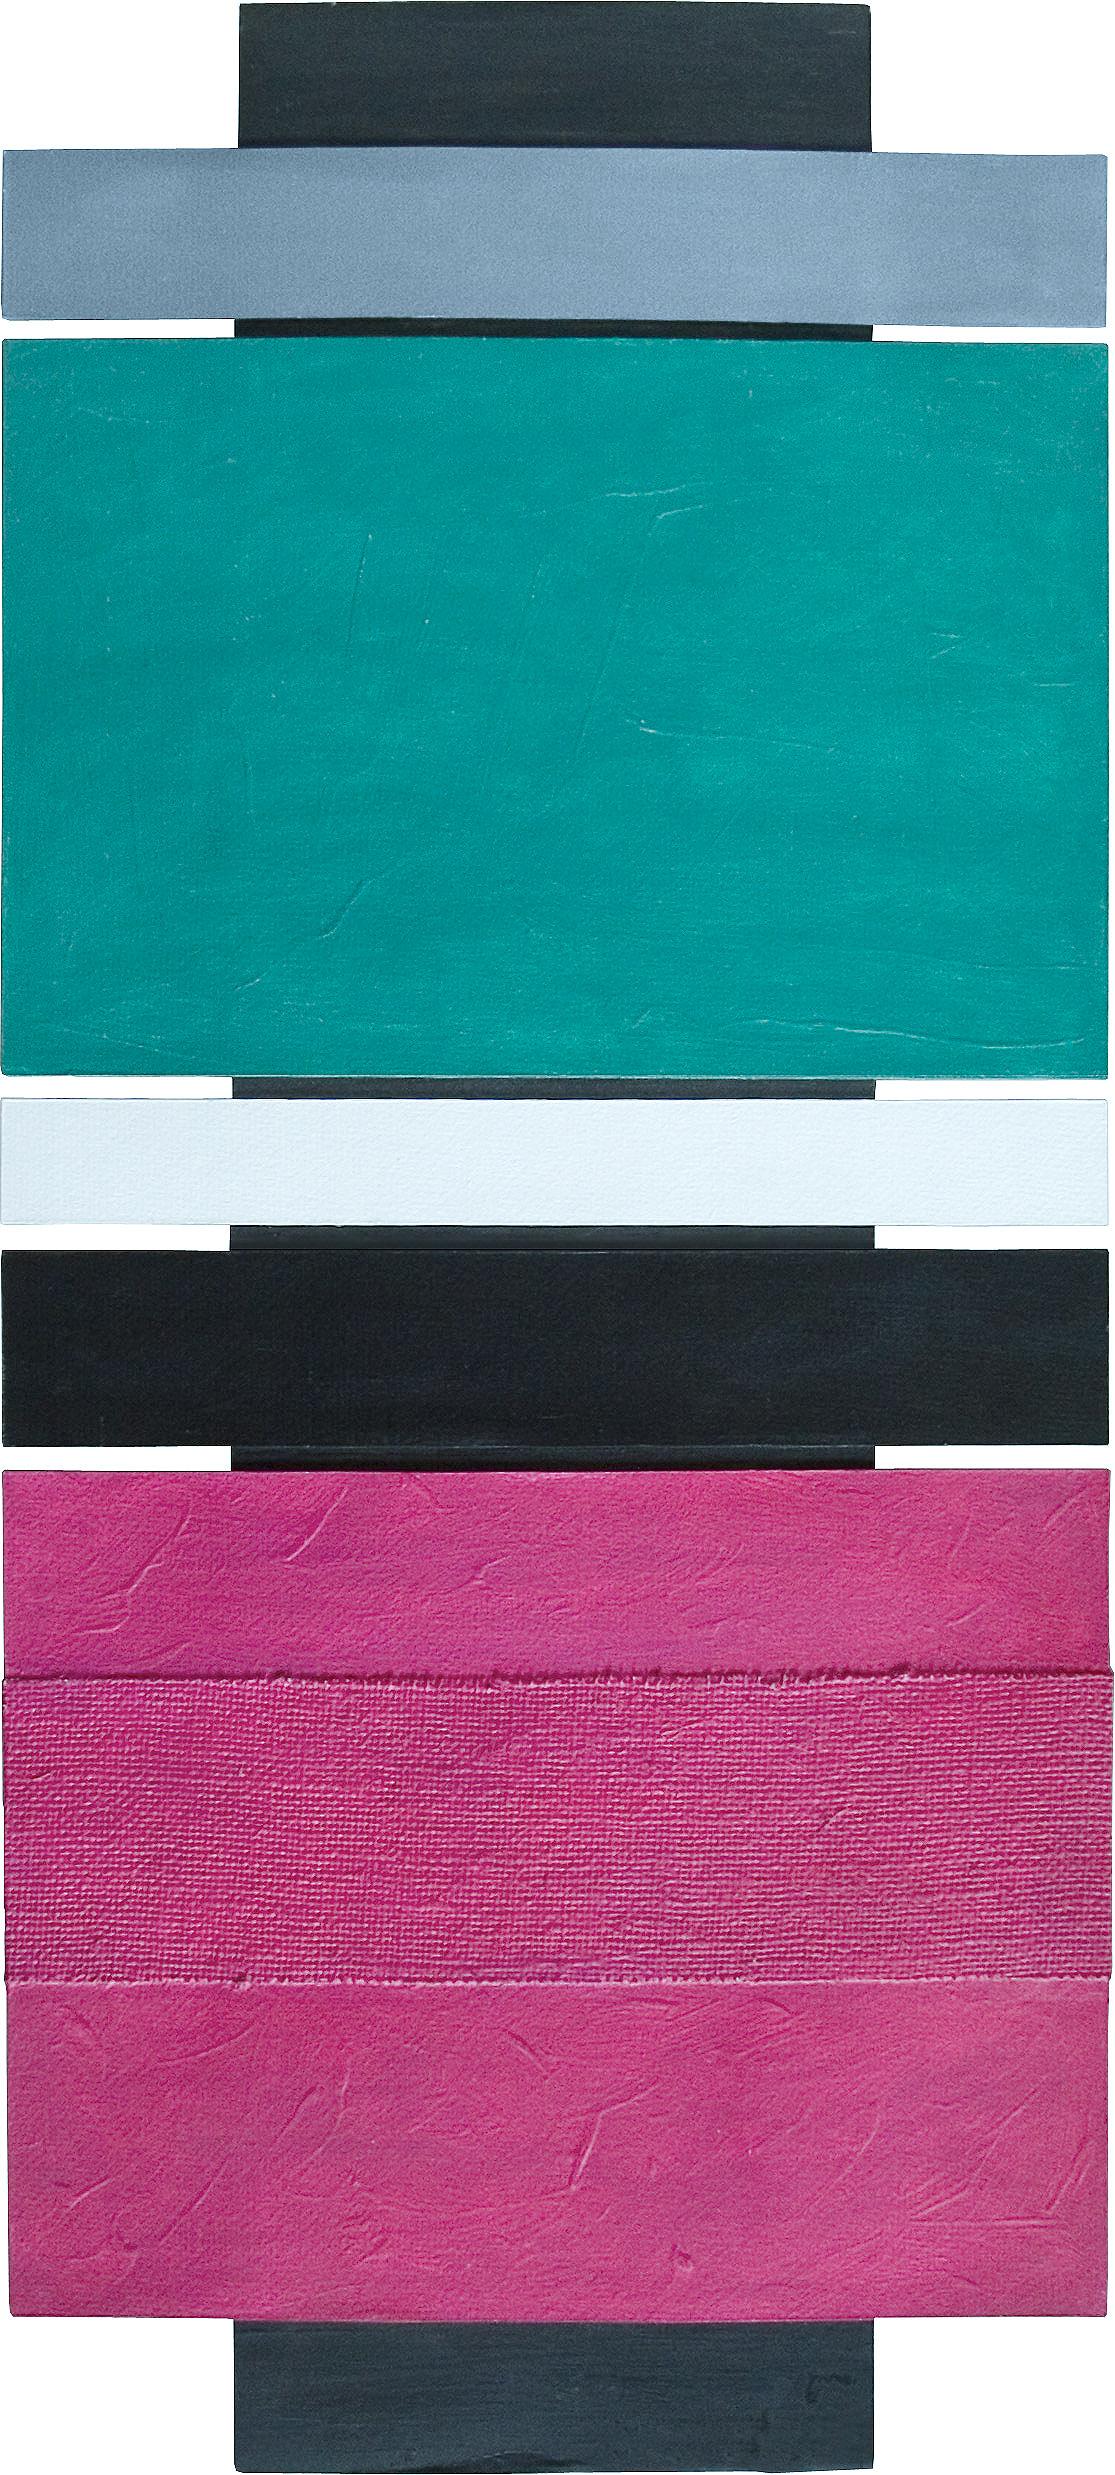 akril, papir, 100 x 45, 1986